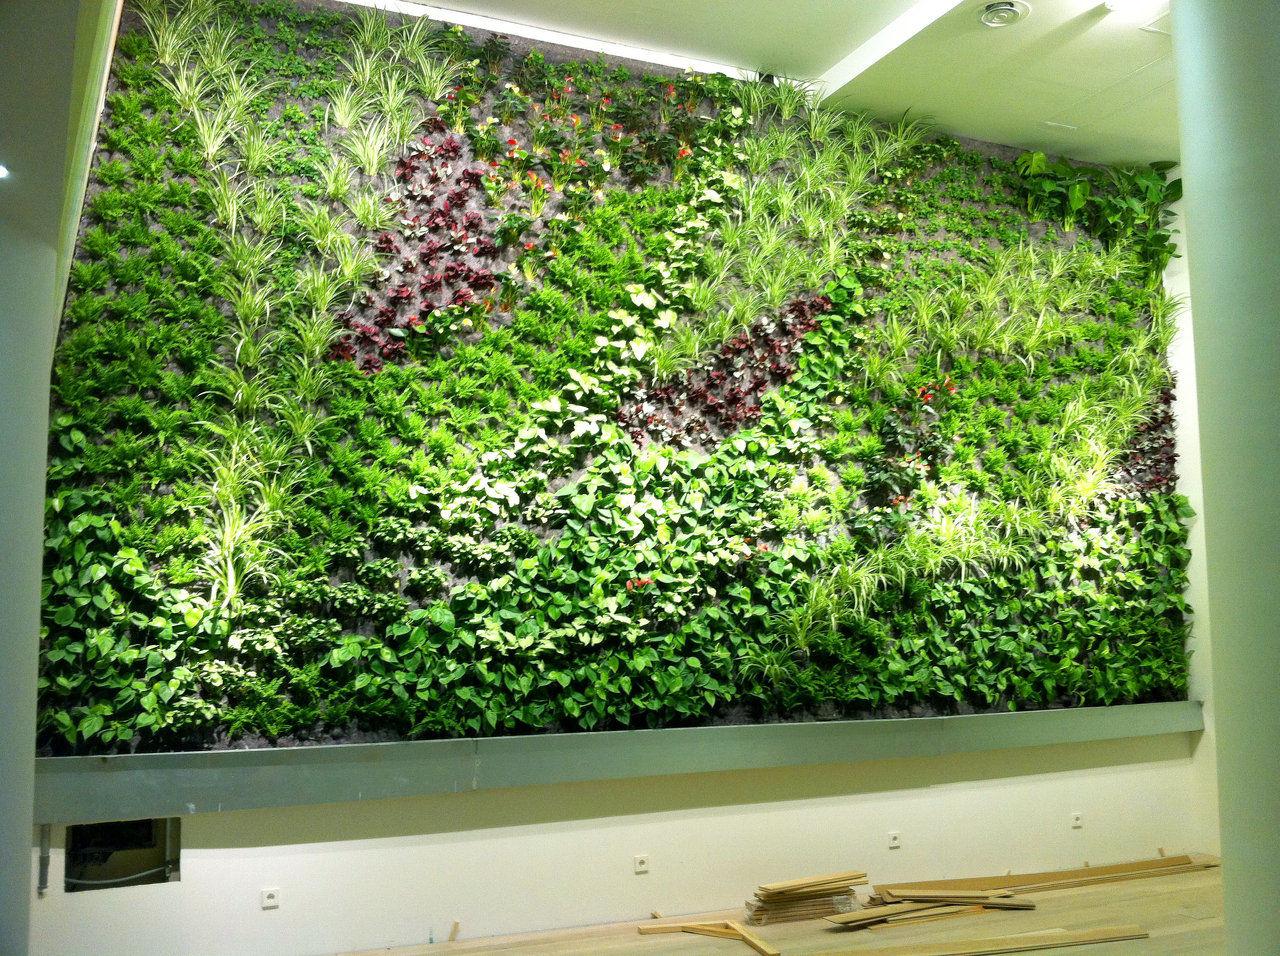 Jardines verticales y techos verdes dise o y construcci n for Jardines verticales quito